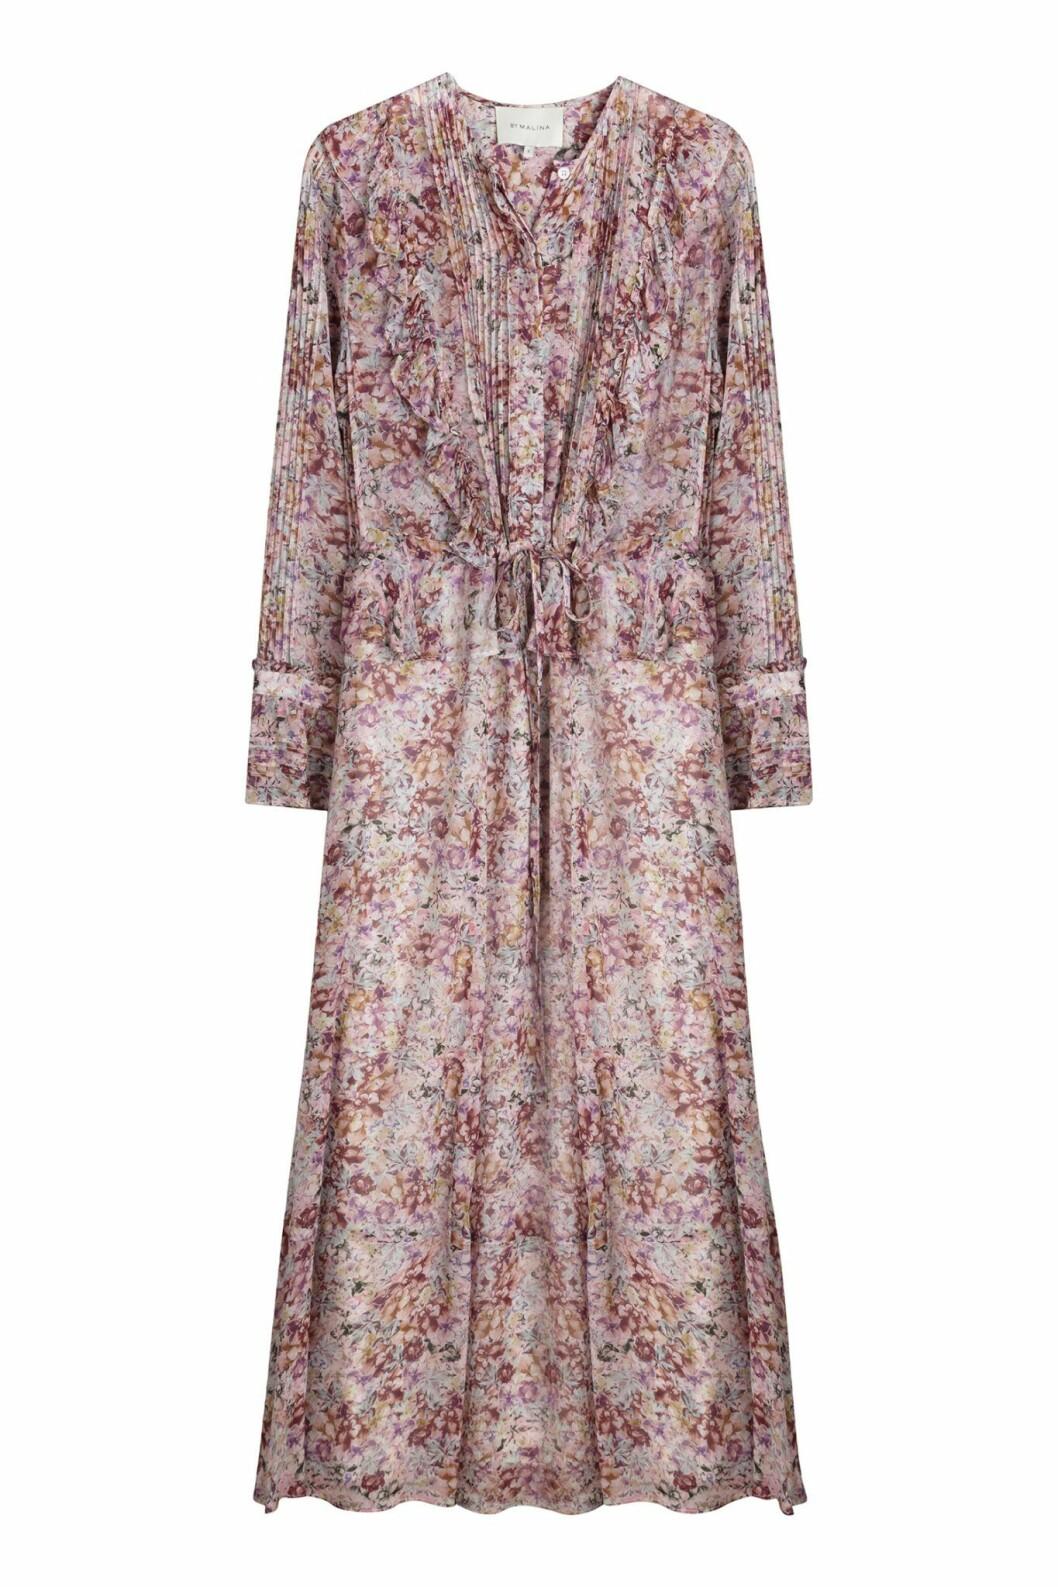 By Malina höstkollektion 2020: blommig maxiklänning